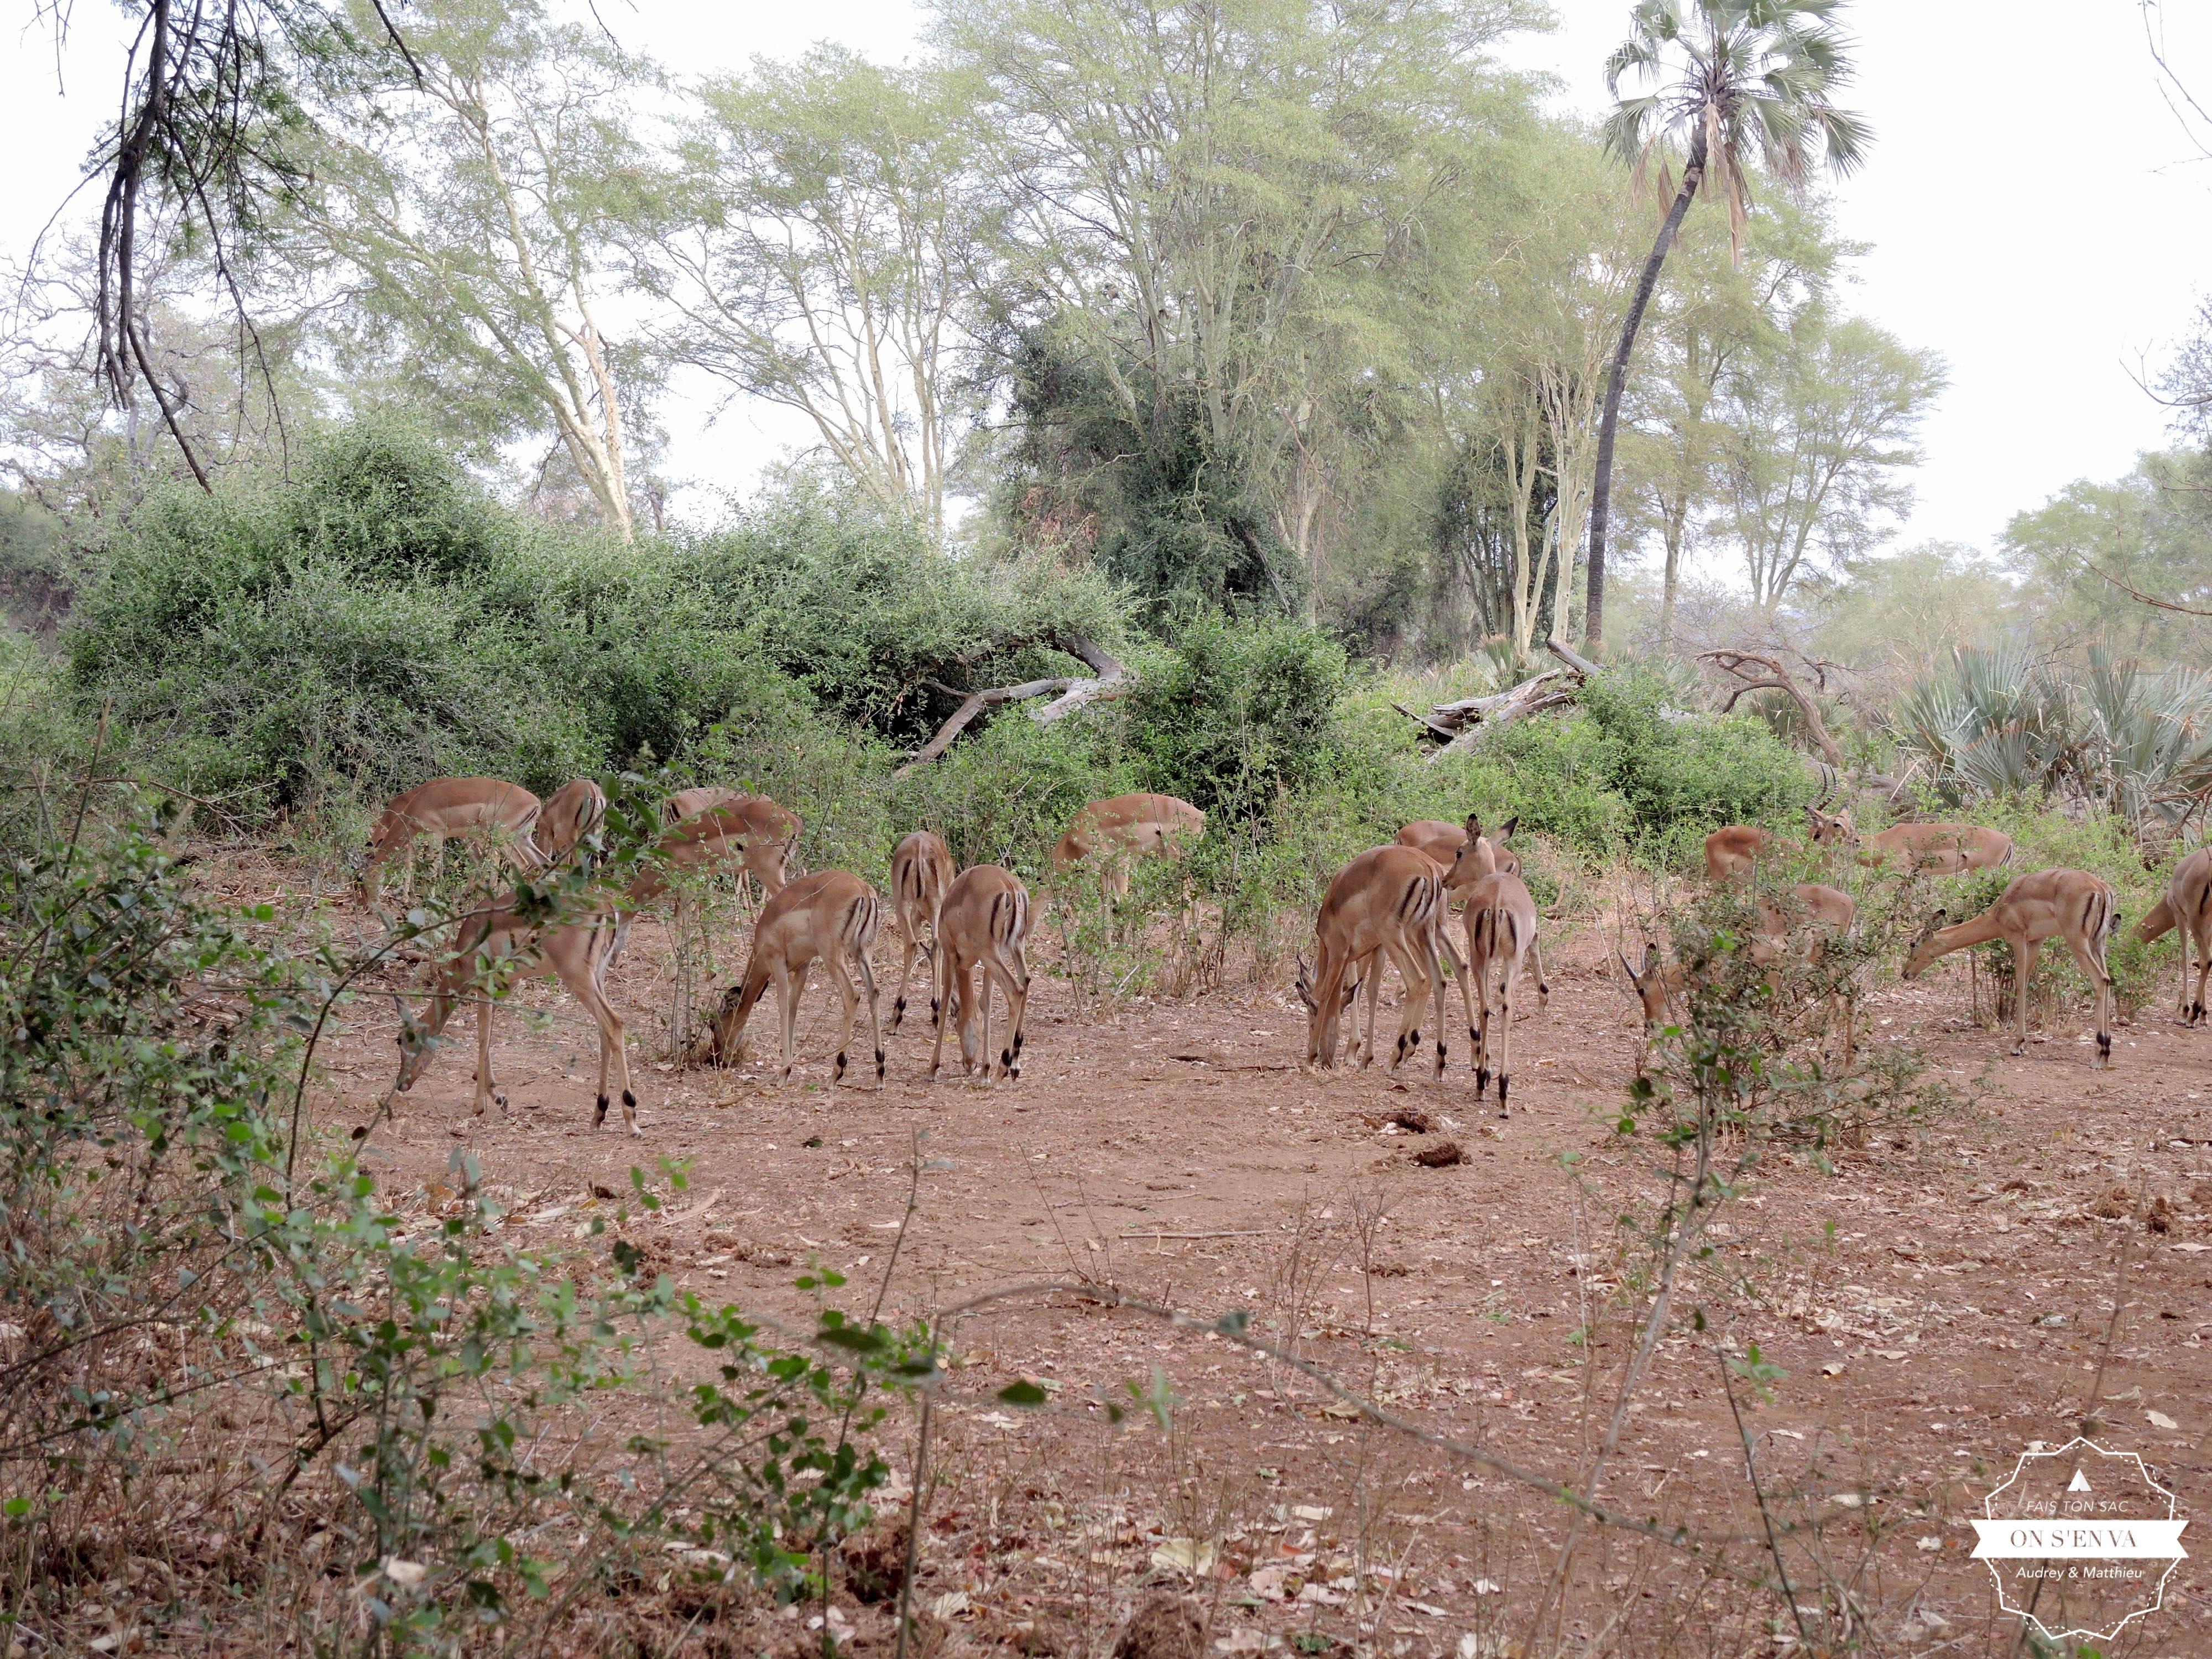 Des antilopes, quelle surprise!